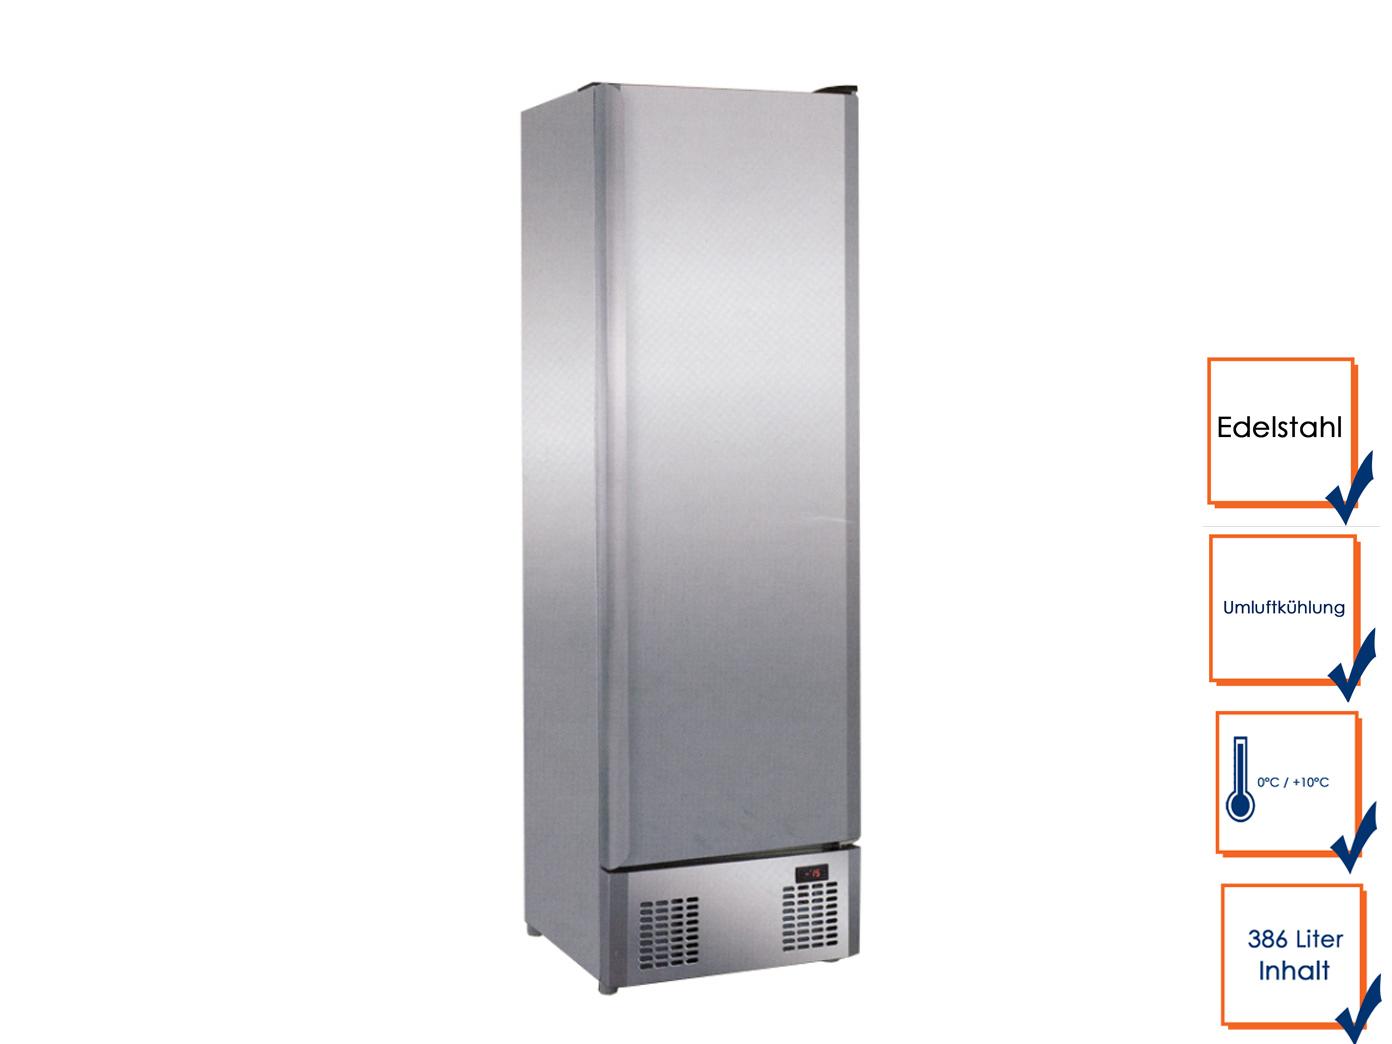 Gastro Edelstahl Kühlschrank Ohne Gefrierfach 0°C/10°C, Profi Freistehend 1  ...